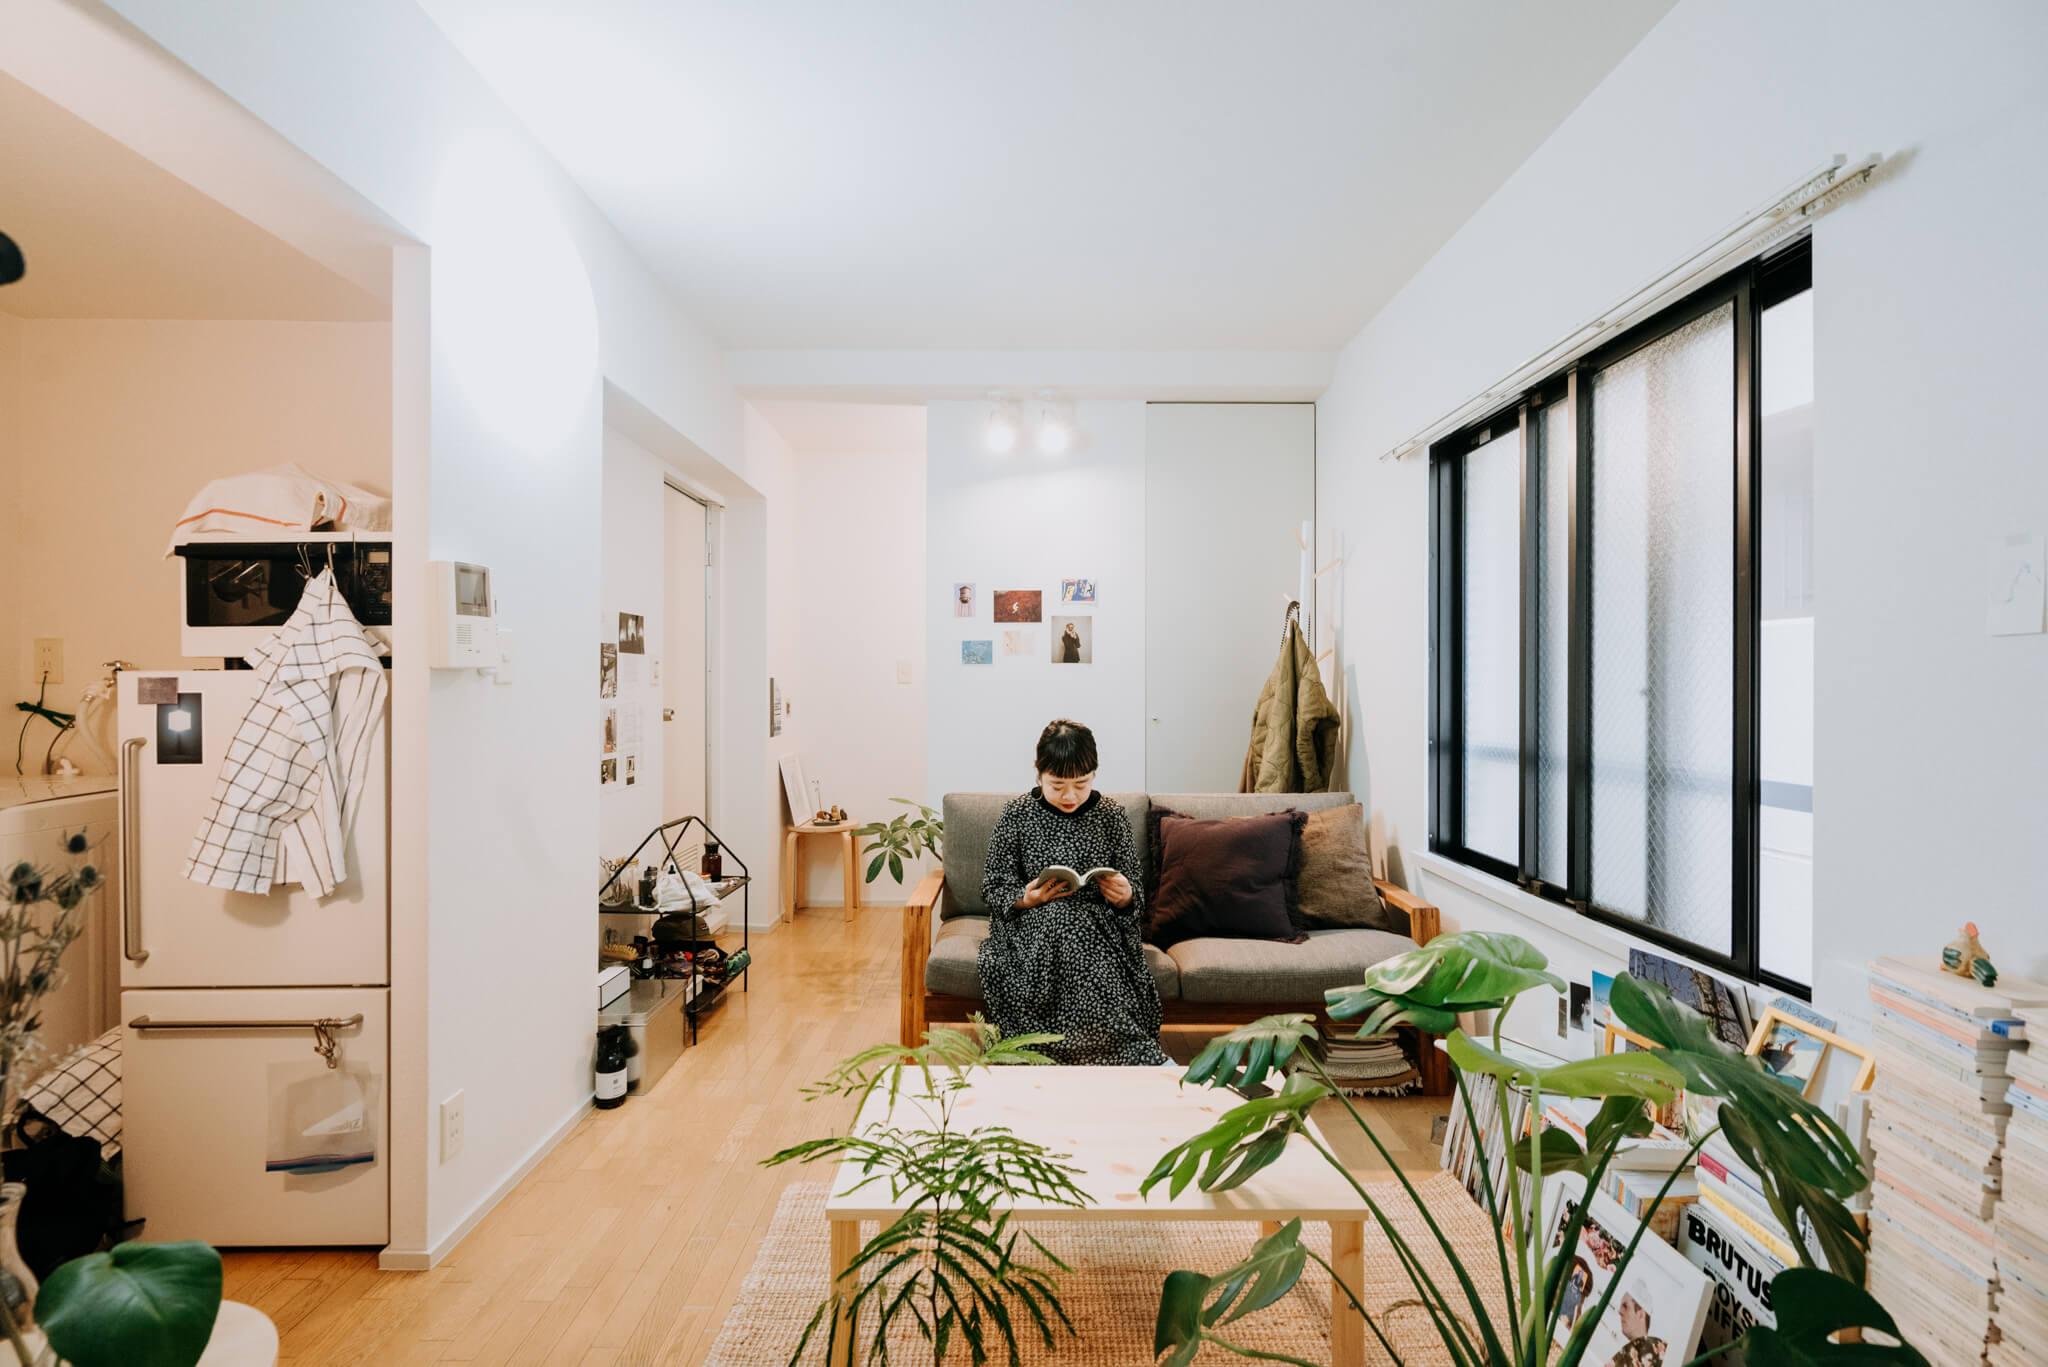 グリーンと木のぬくもりのある家具で、友達の集まる部屋をつくる